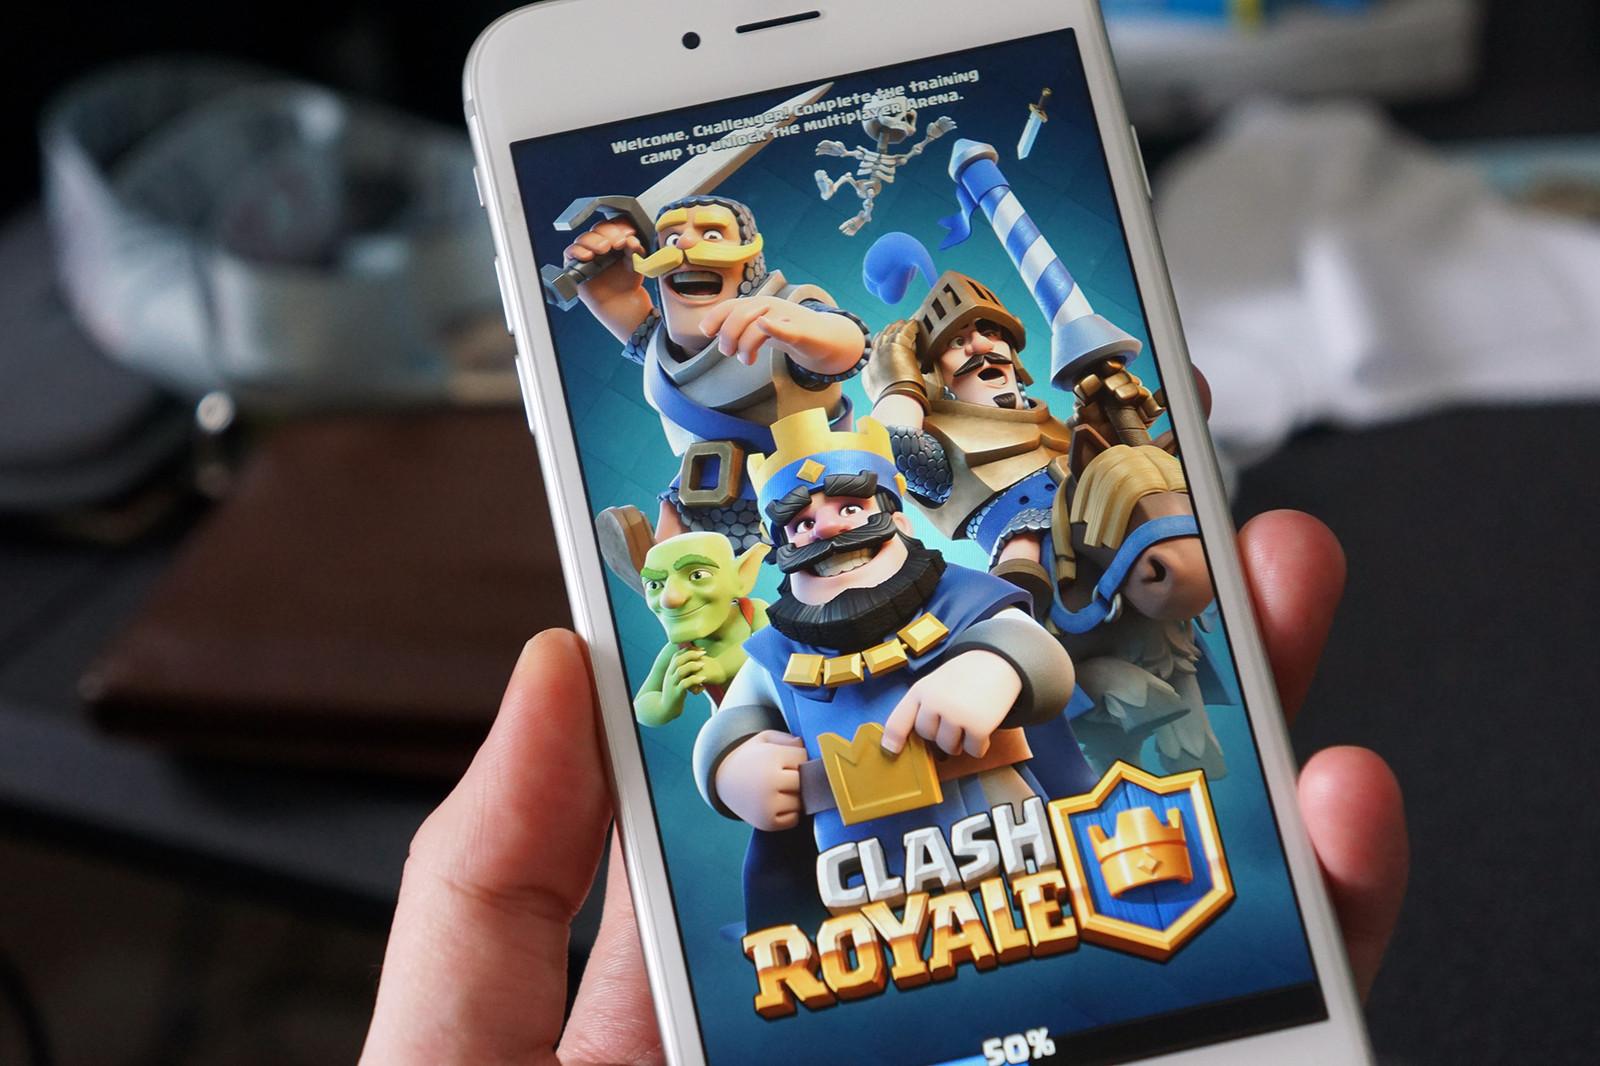 معرفی بازی کلش رویال (Clash Royale)